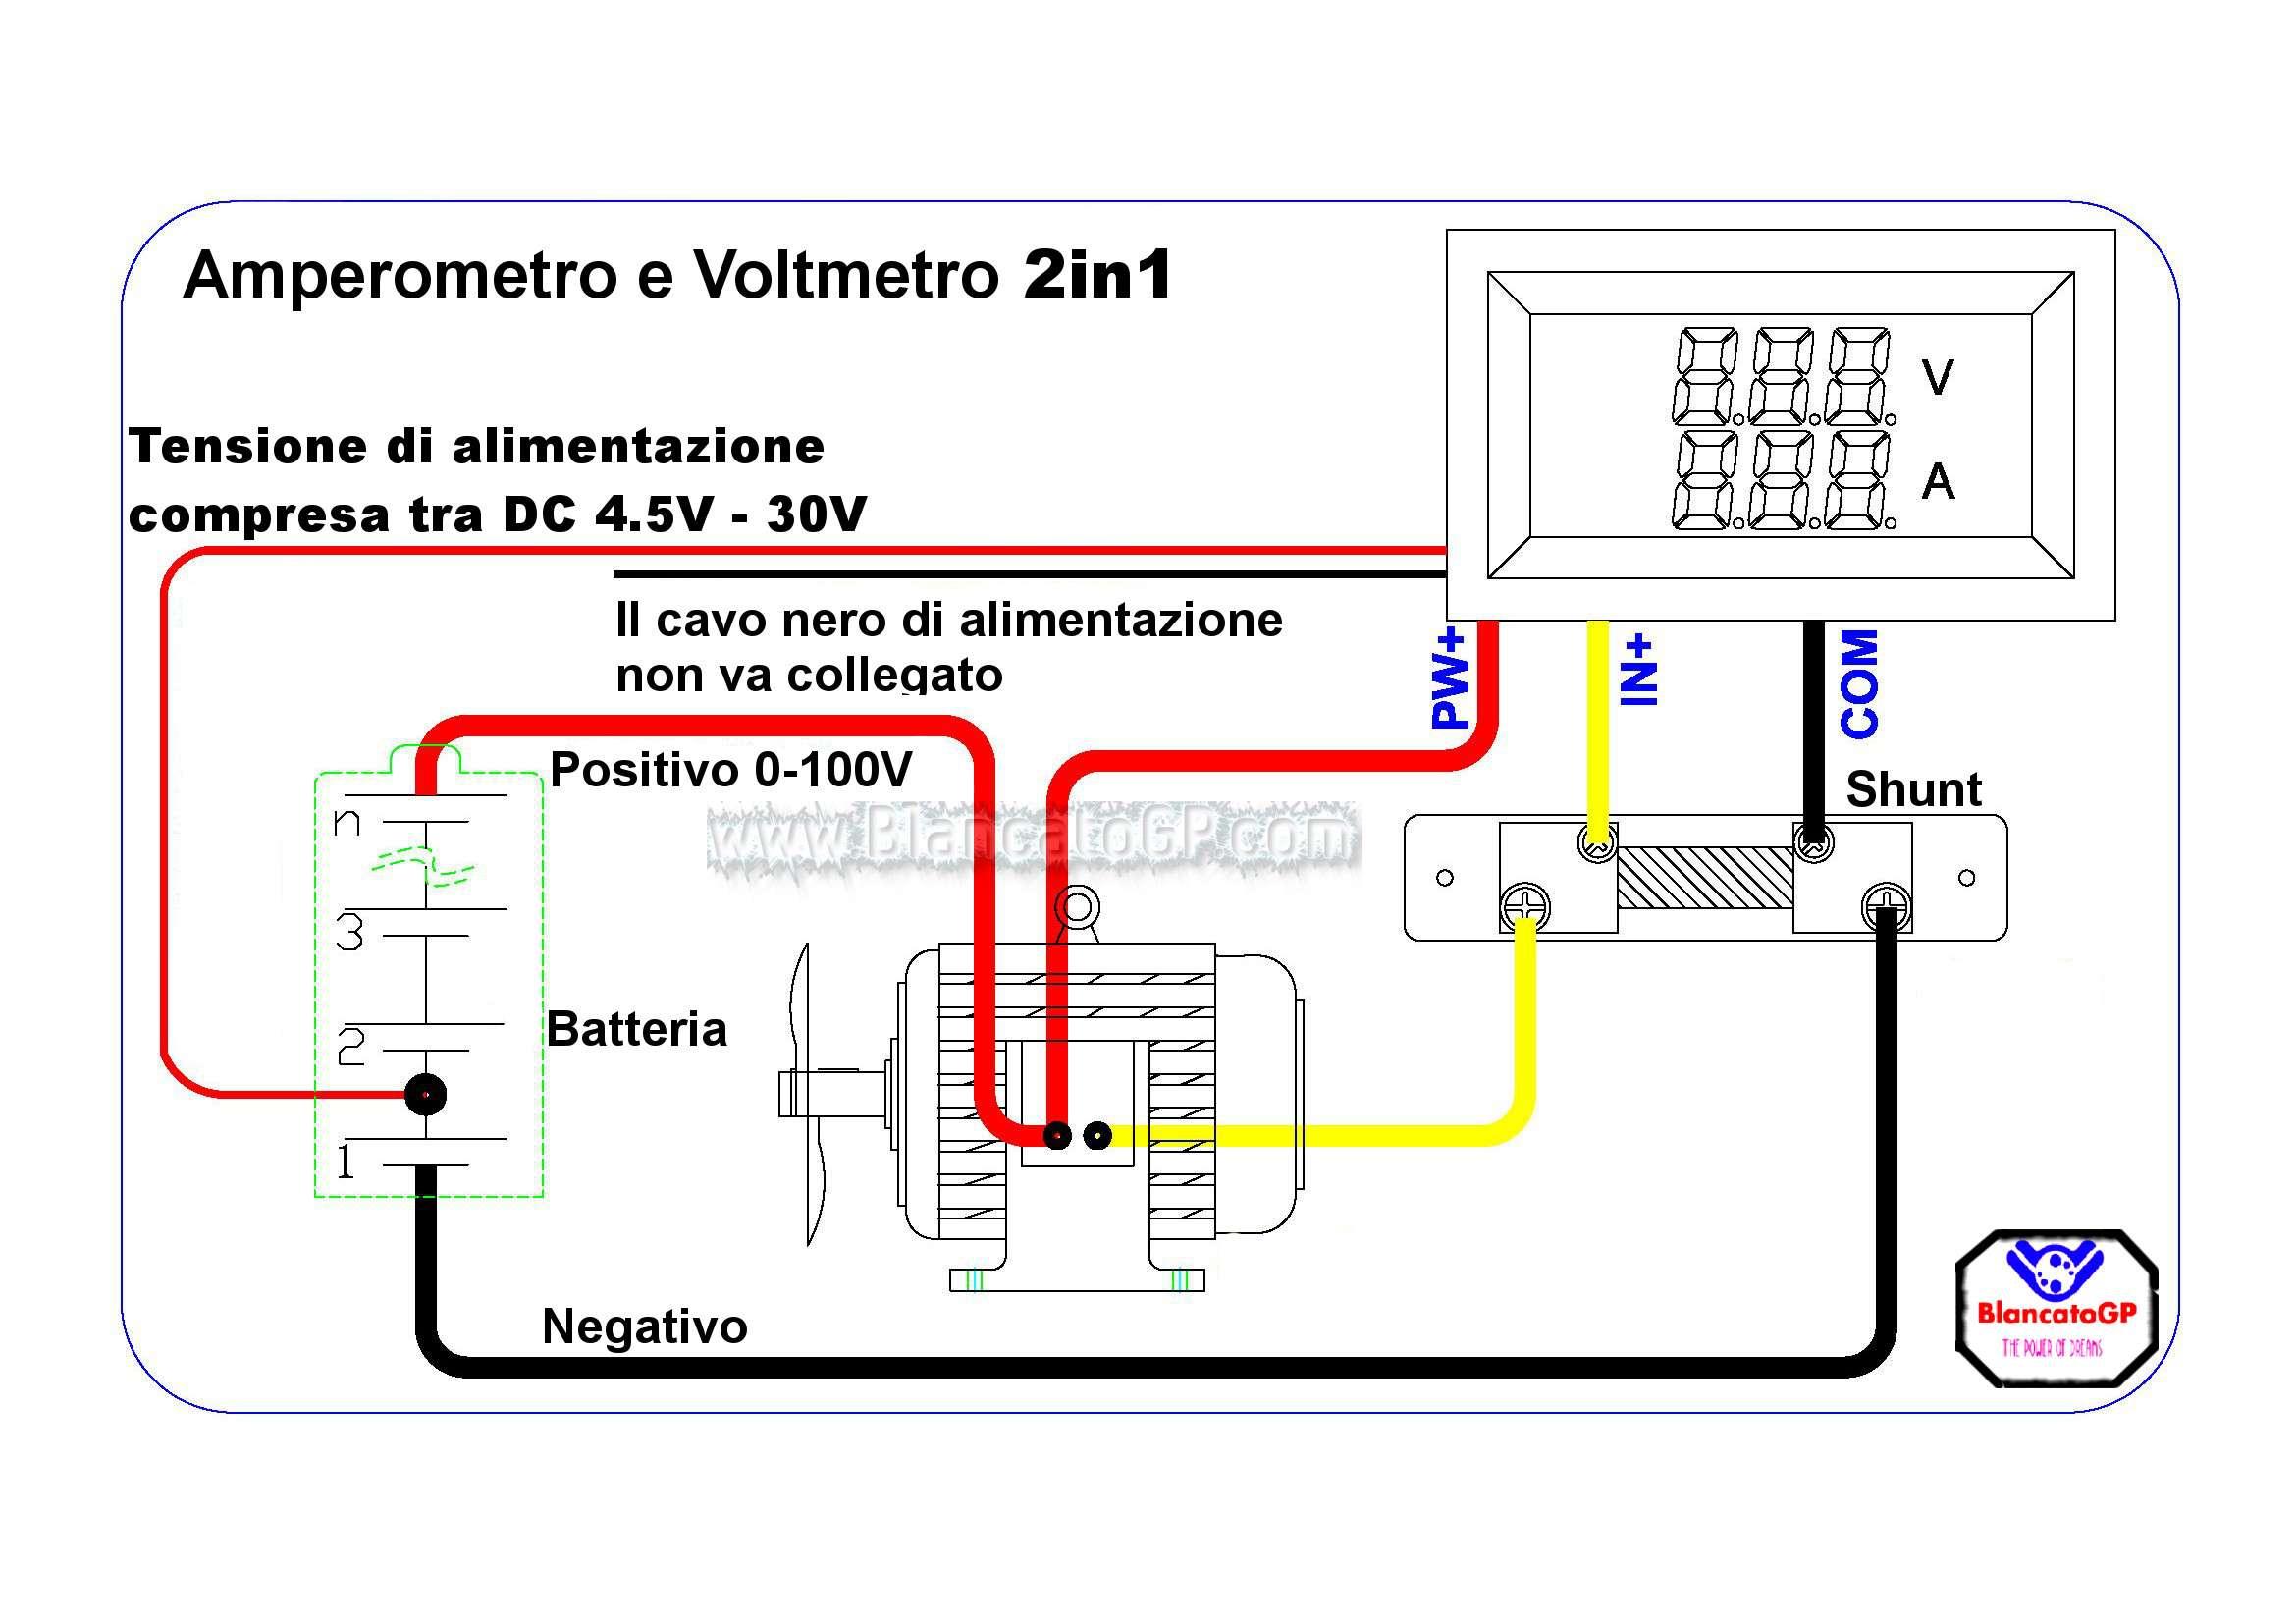 Schema Elettrico Voltmetro Per Auto : In voltmetro v e amperometro a con shunt auto